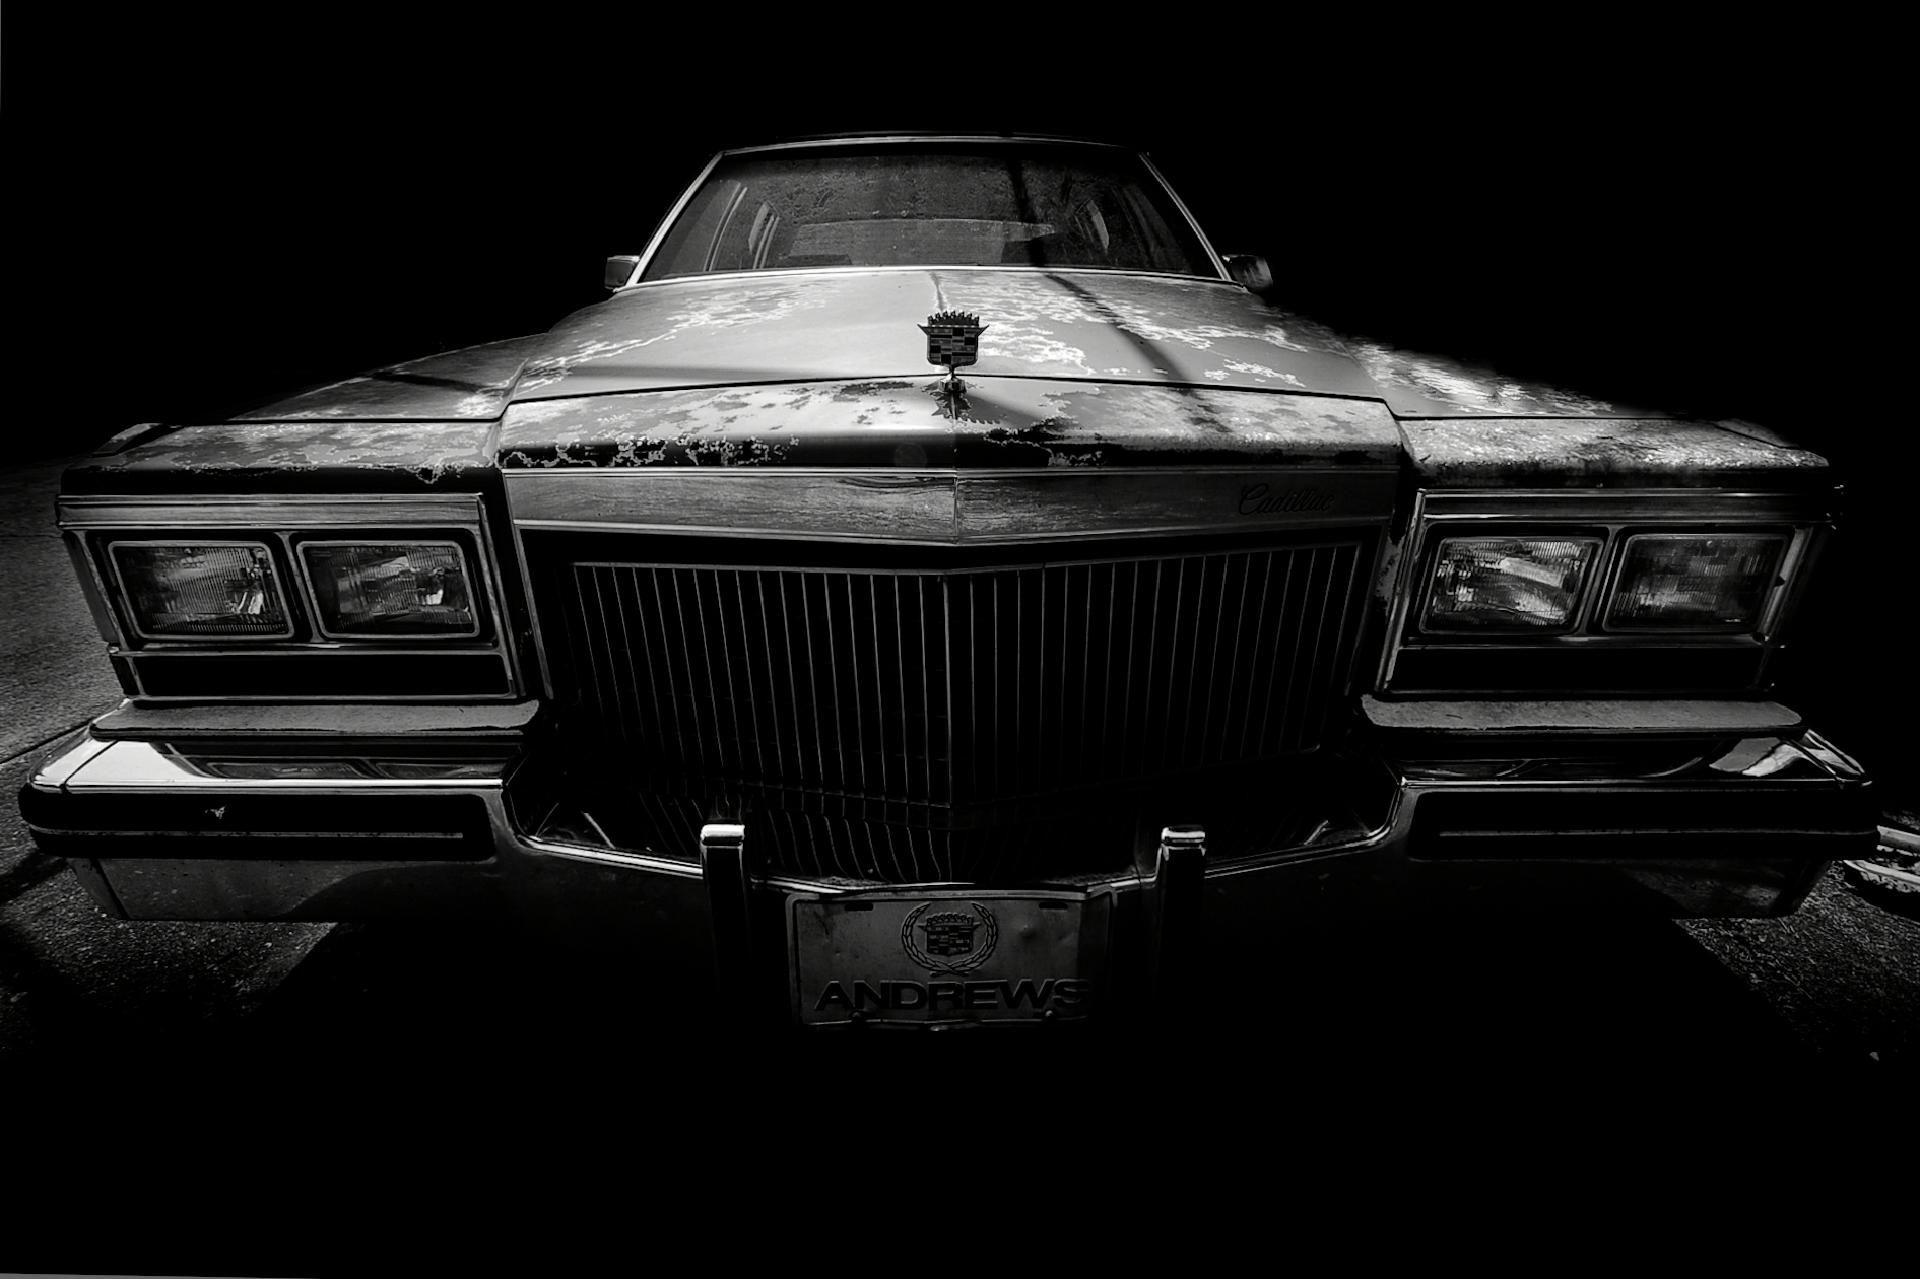 Sherman's Cadillac